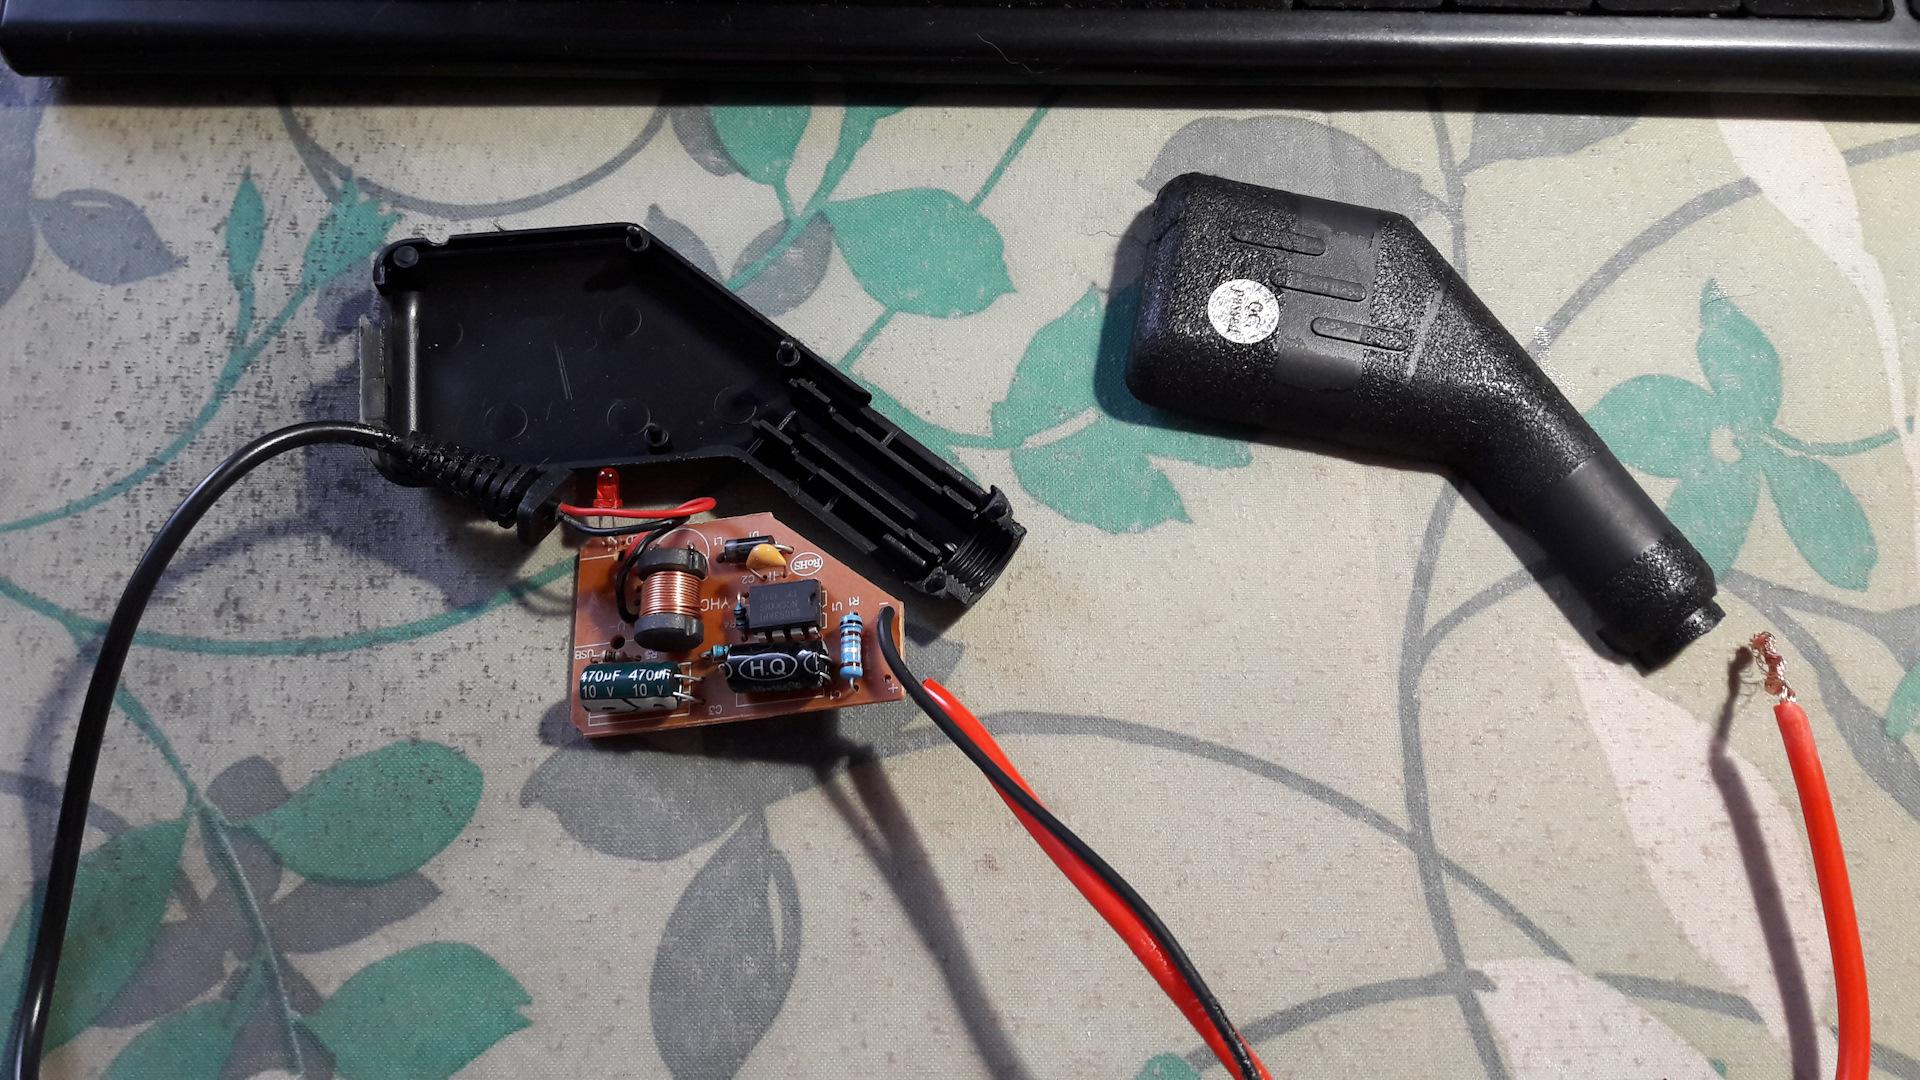 Авторегистратор создает помехи на радио авторегистратор зеркало с антирадаром